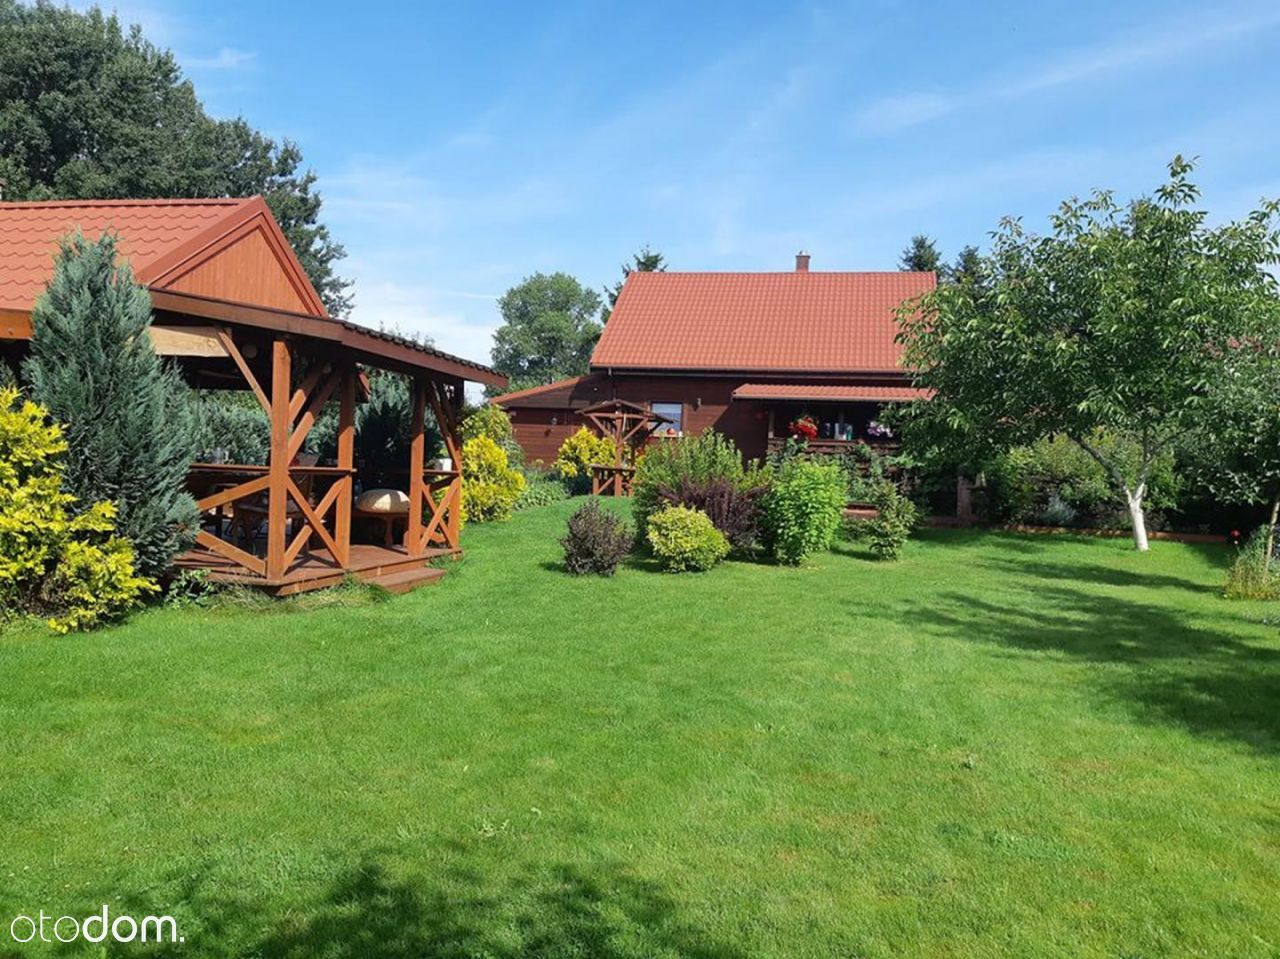 6 Pokoje Dom Na Sprzedaż Worliny Ostródzki Warmińsko Mazurskie 54812340 Wwwotodompl